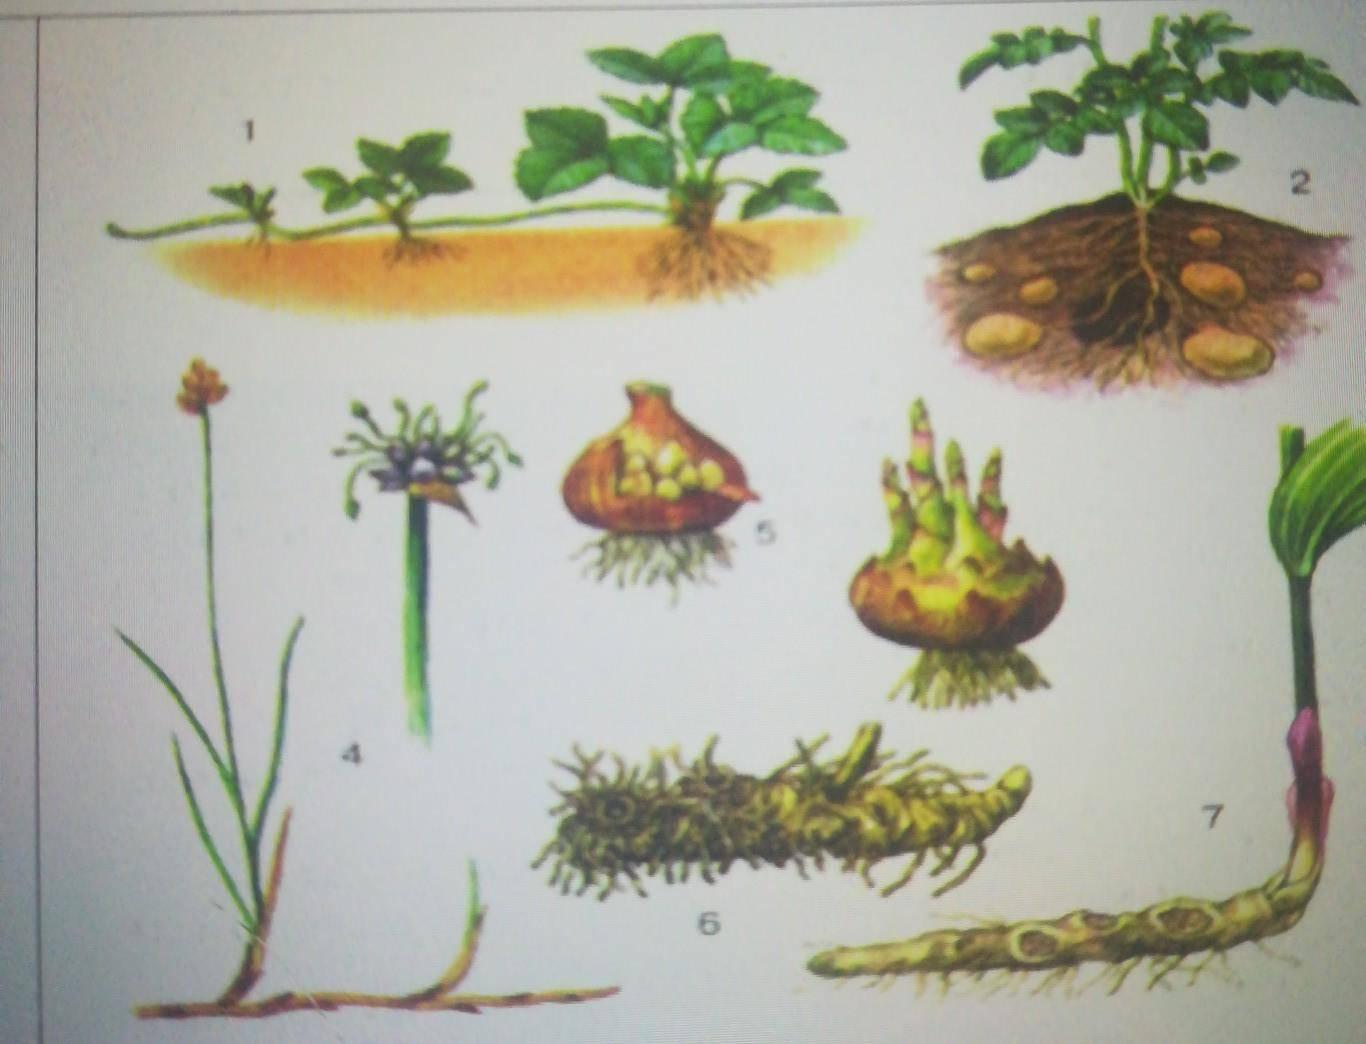 Как размножать комнатные растения вегетативно?